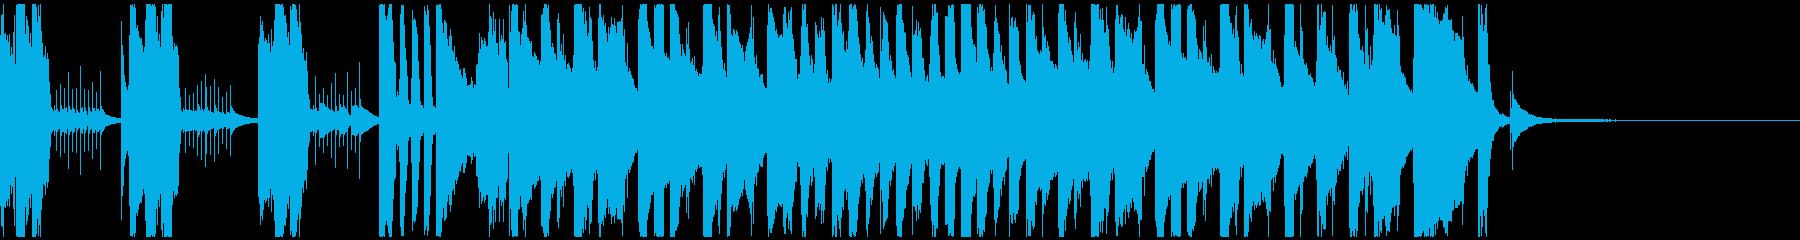 かわいいオープニングソングの再生済みの波形